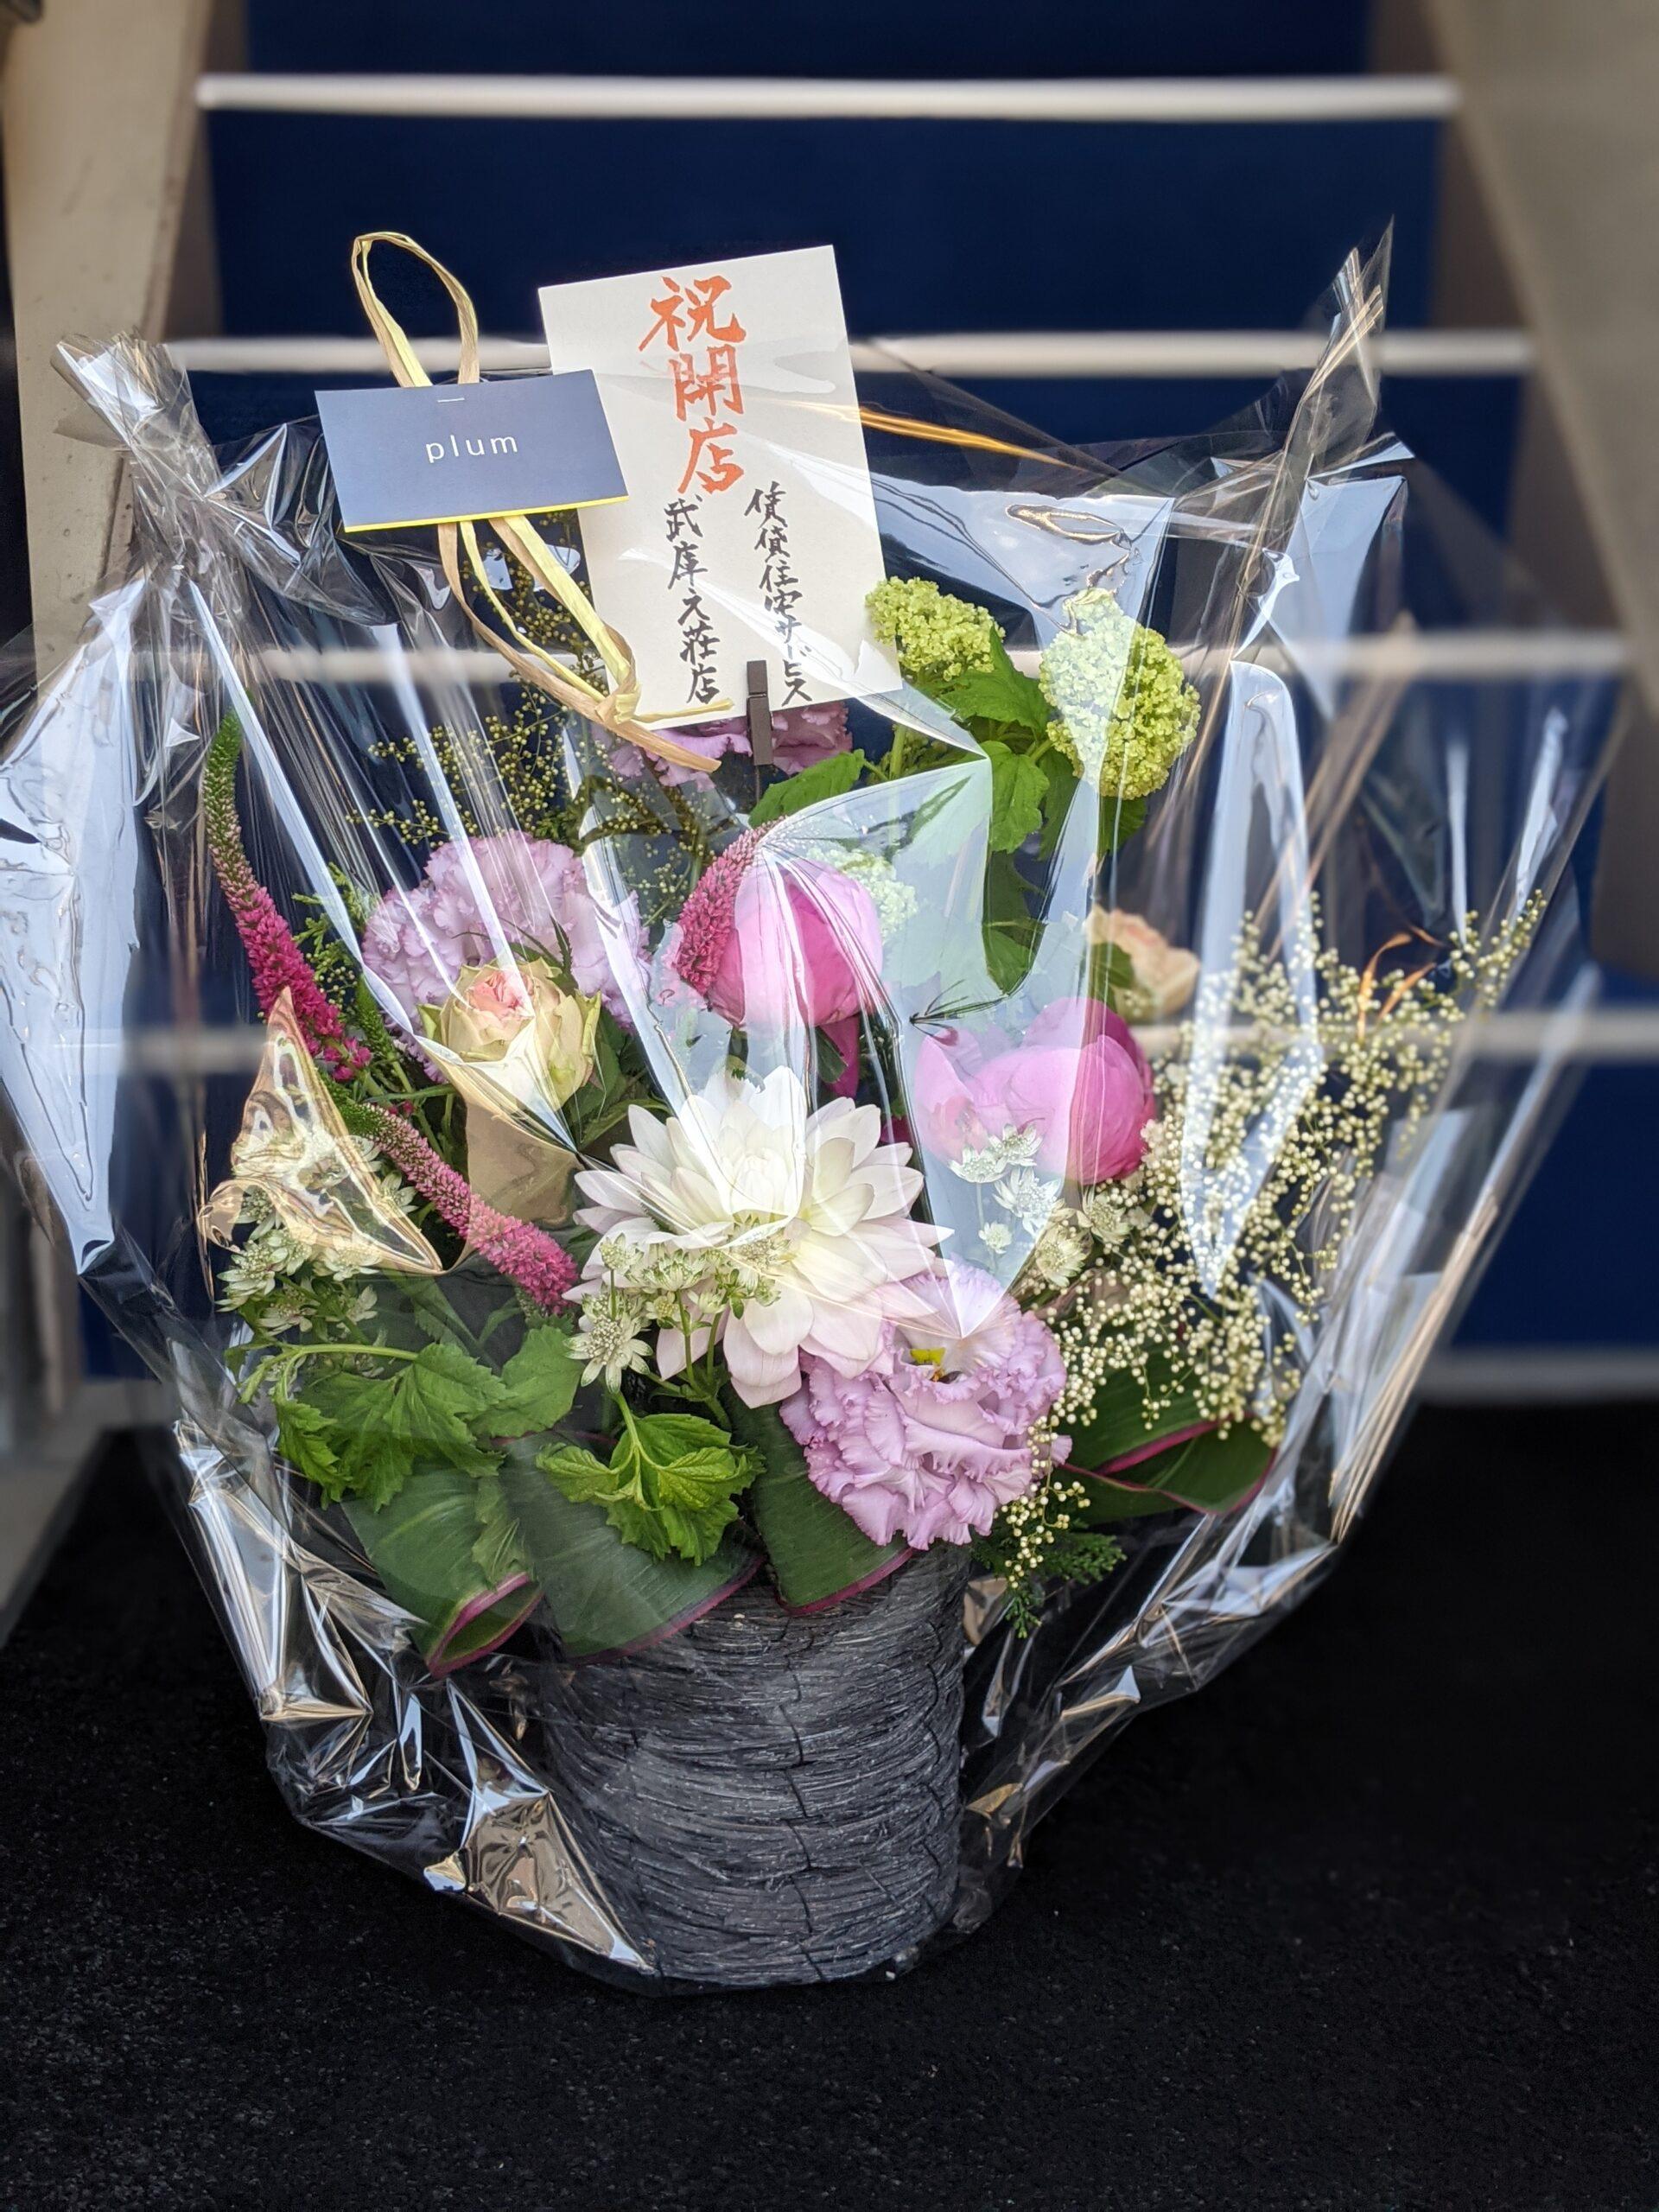 武庫之荘の花屋さんplum様のお花